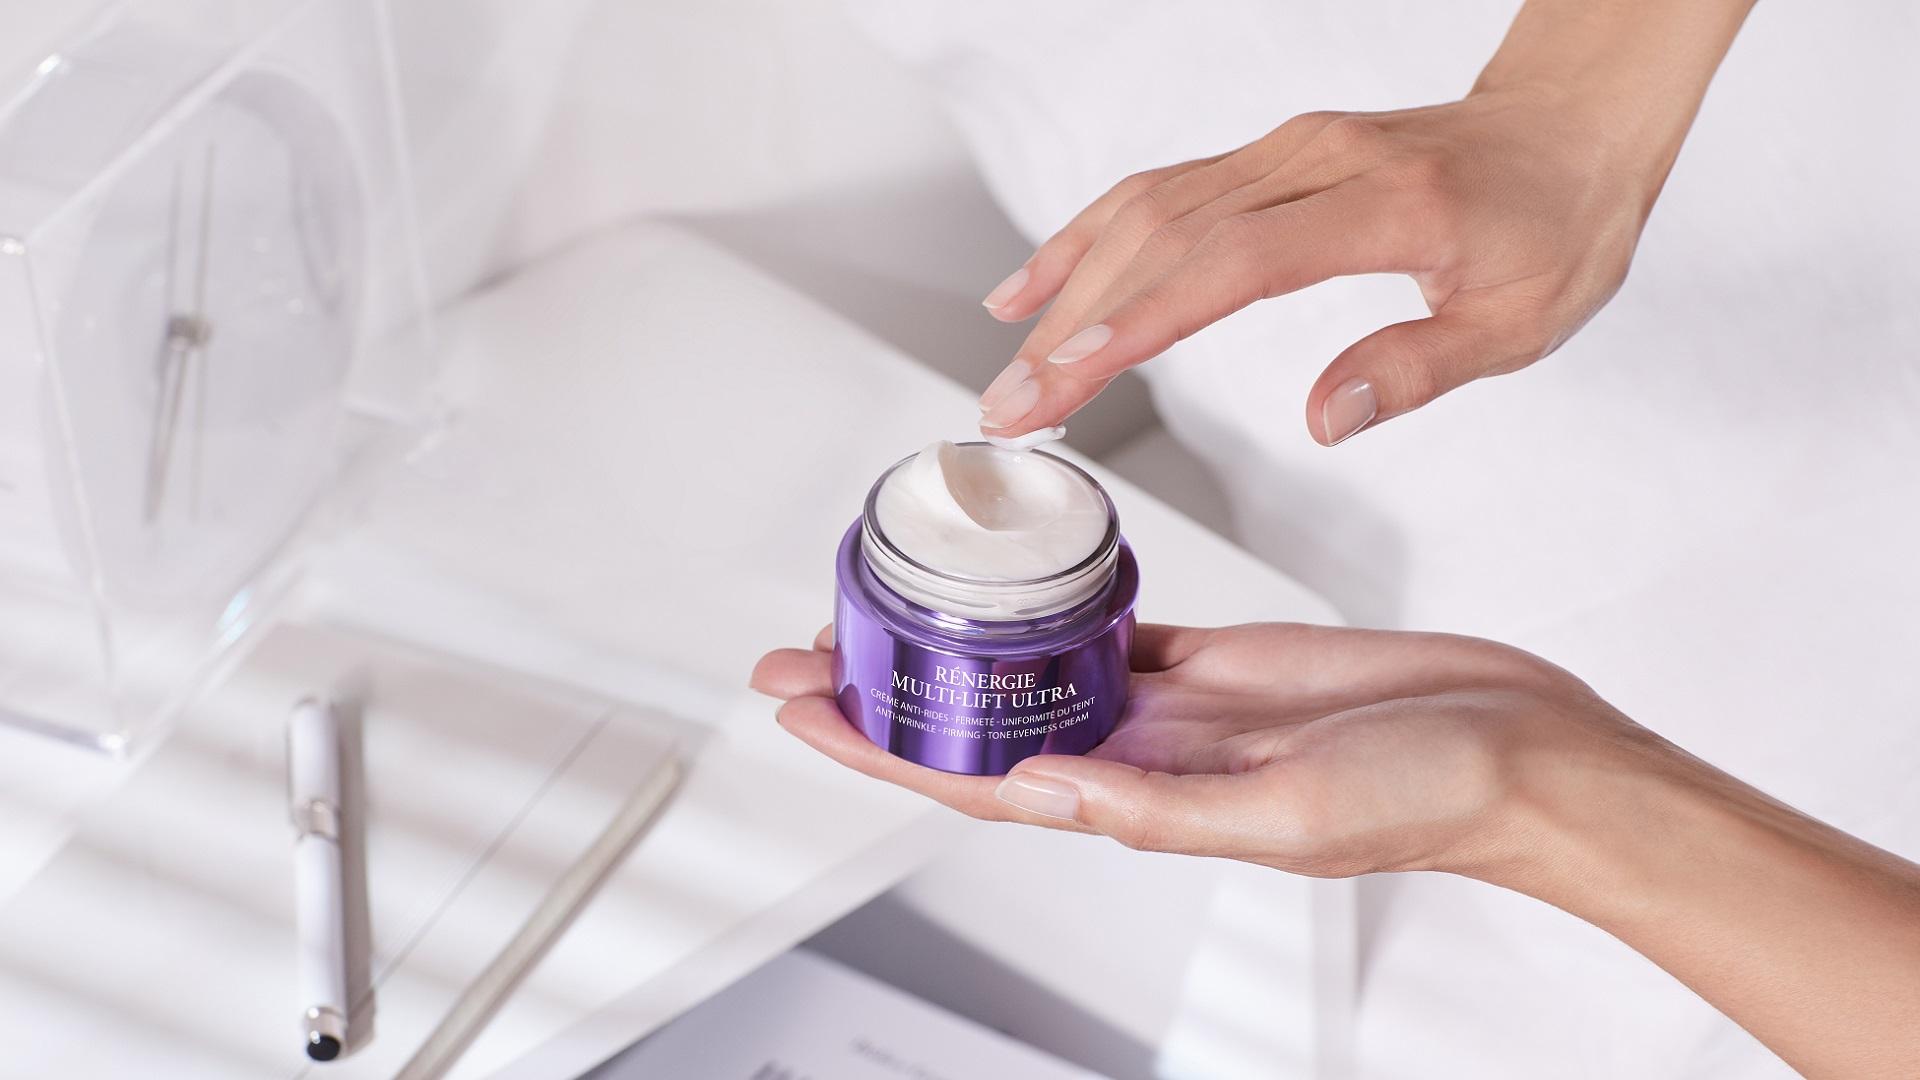 Renergie Multi-Lift Ultra Cream, lo más nuevo de Lancôme